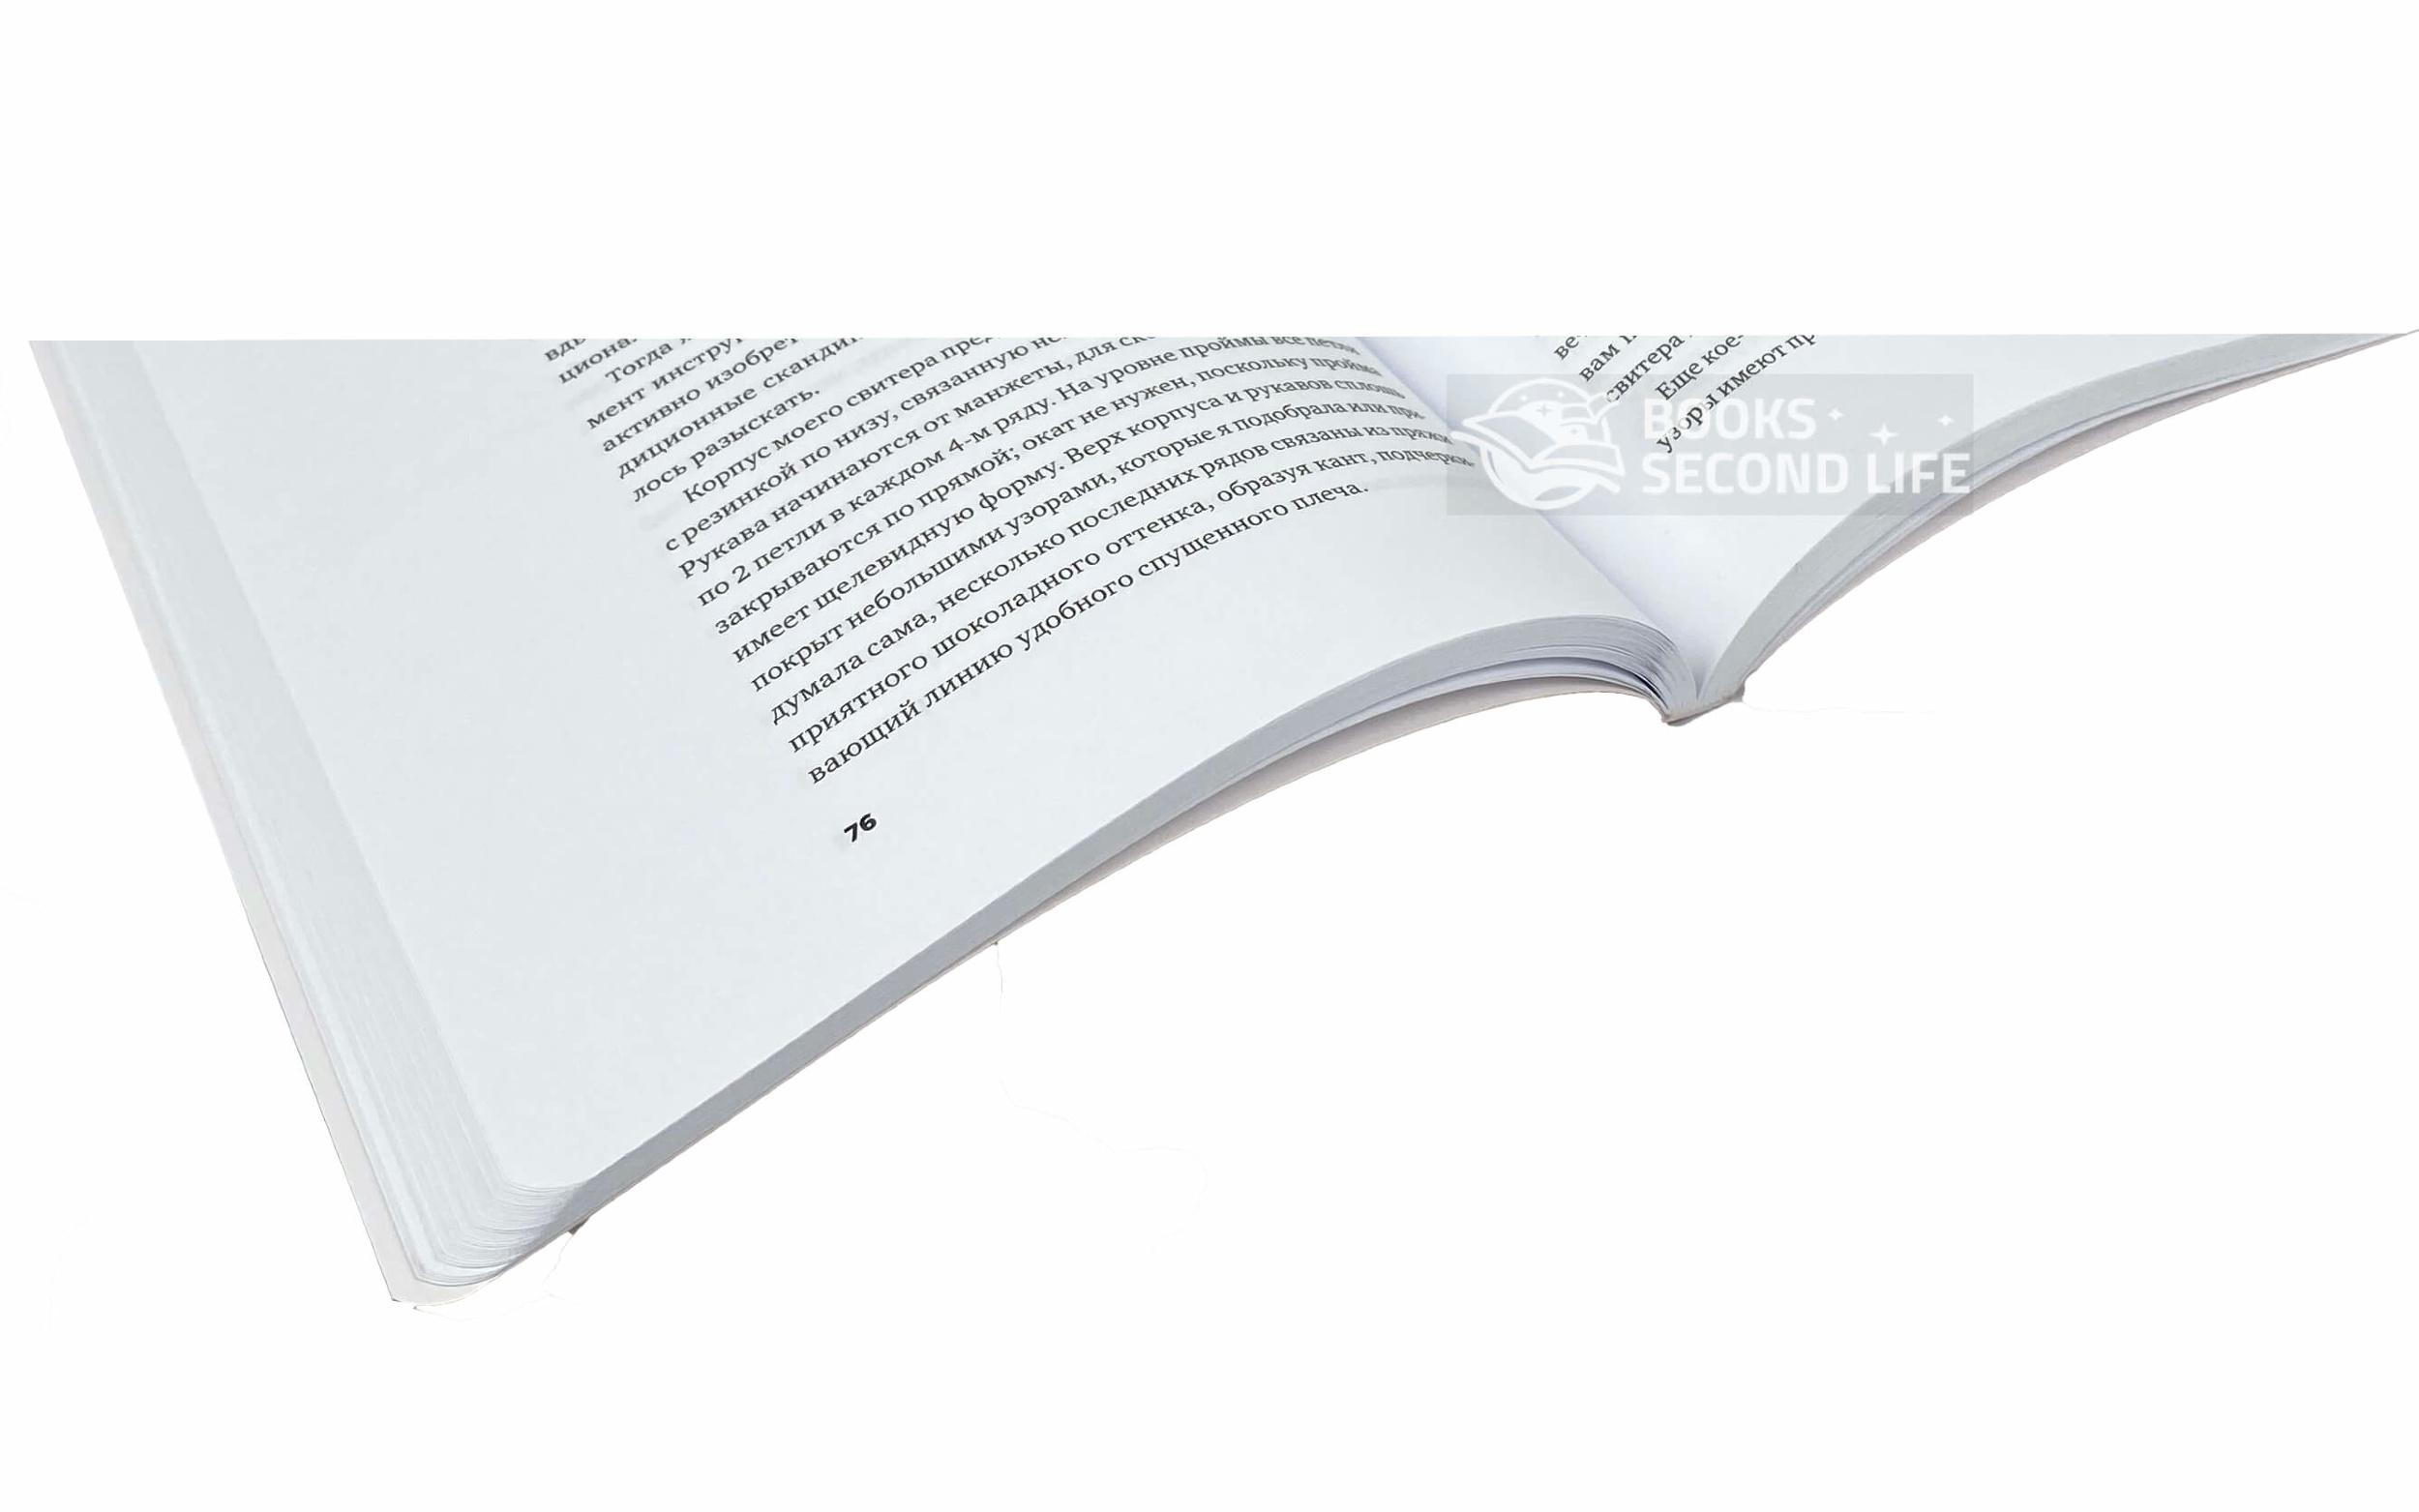 Вязание без слез. Базовые техники и понятные схемы. Автор — Элизабет Циммерман. Переплет —